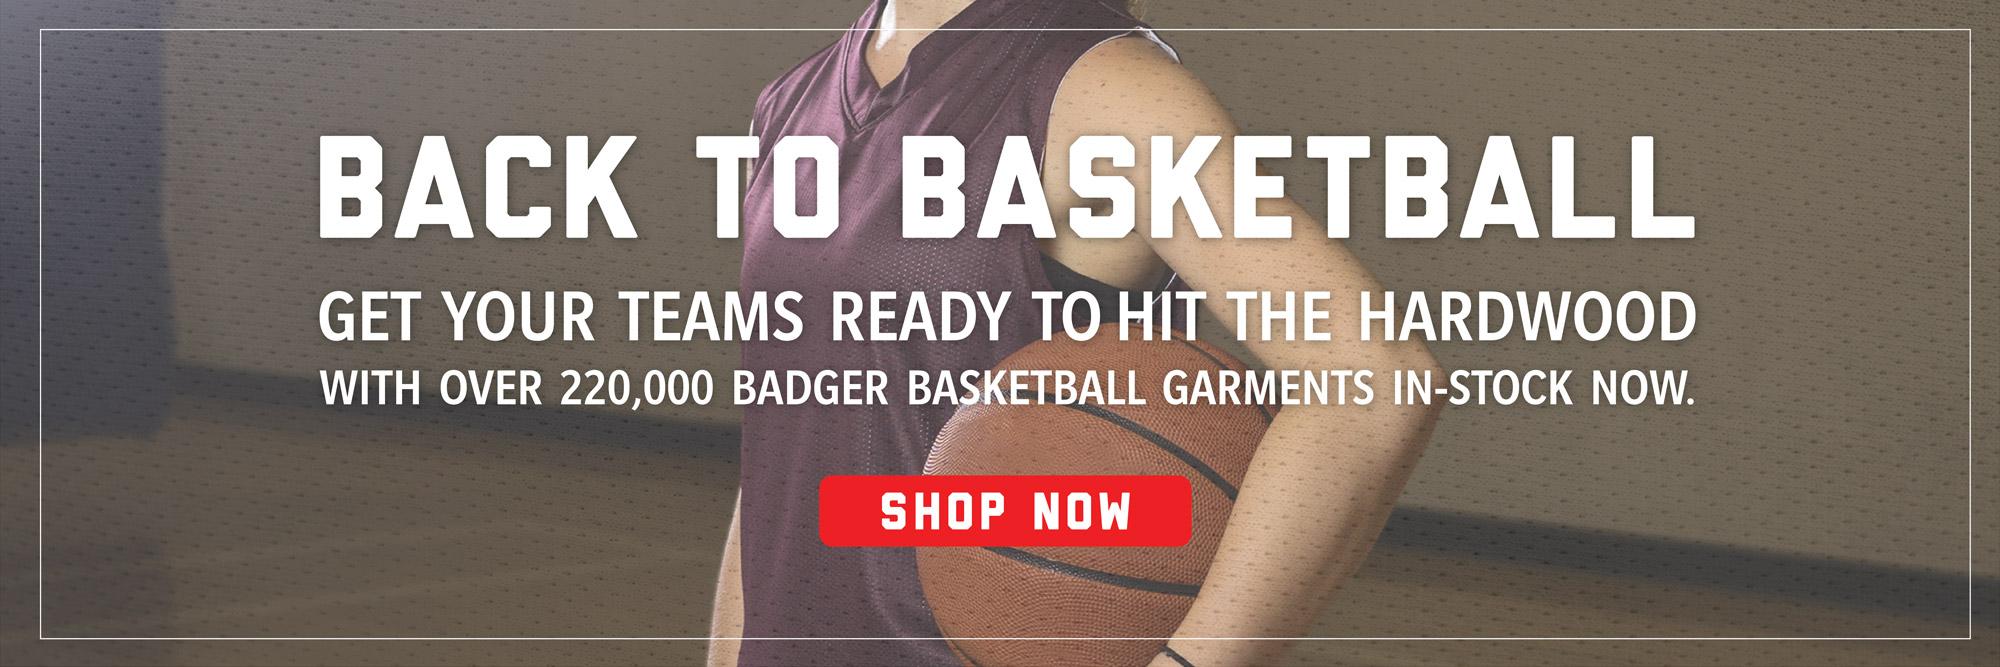 Back to Basketball